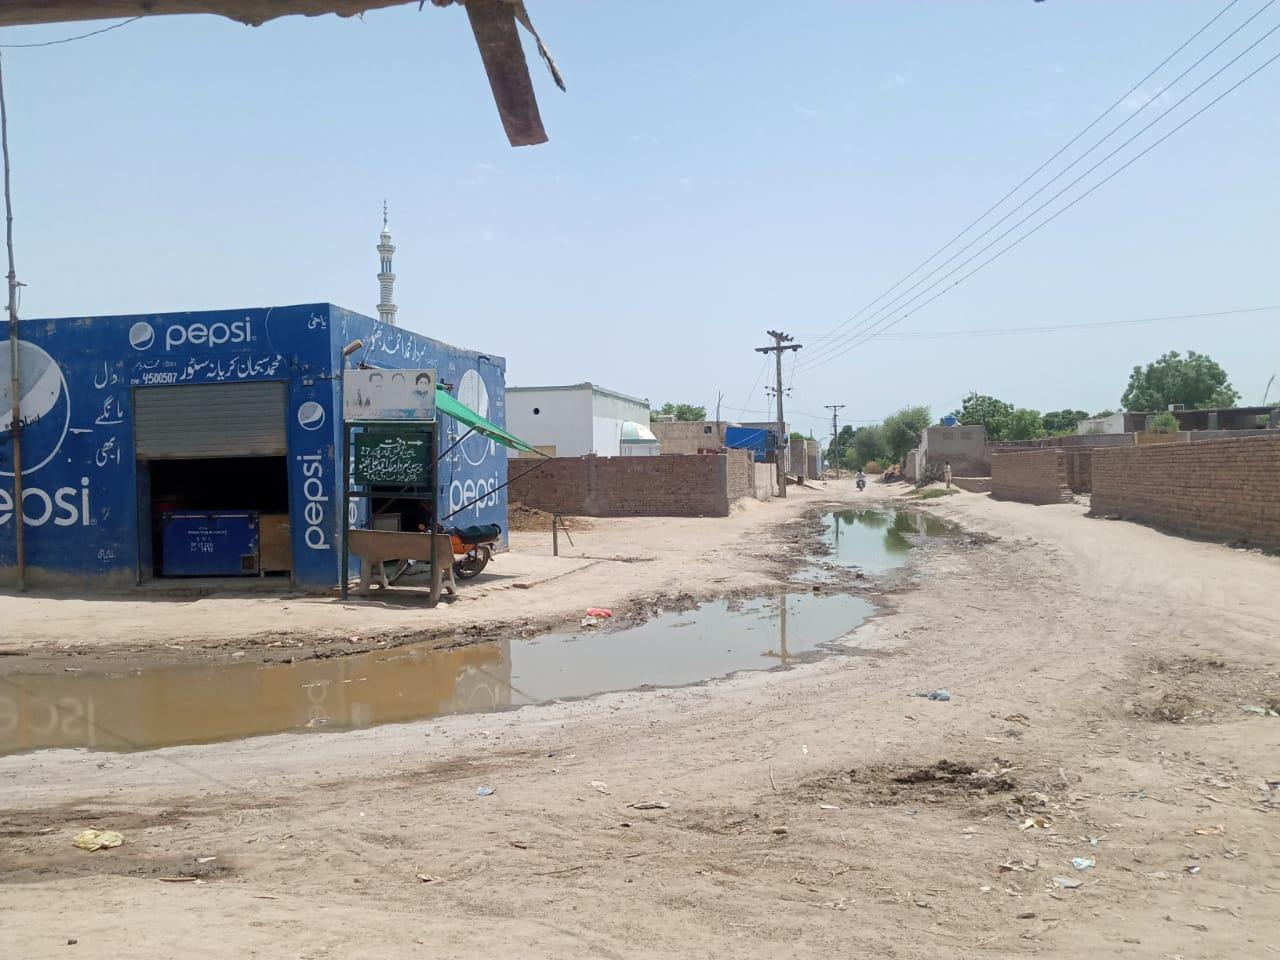 صادق آ باد کے نواحی علاقہ کچہ بھٹہ میں روڈ ٹوٹ پھوٹ کا شکار